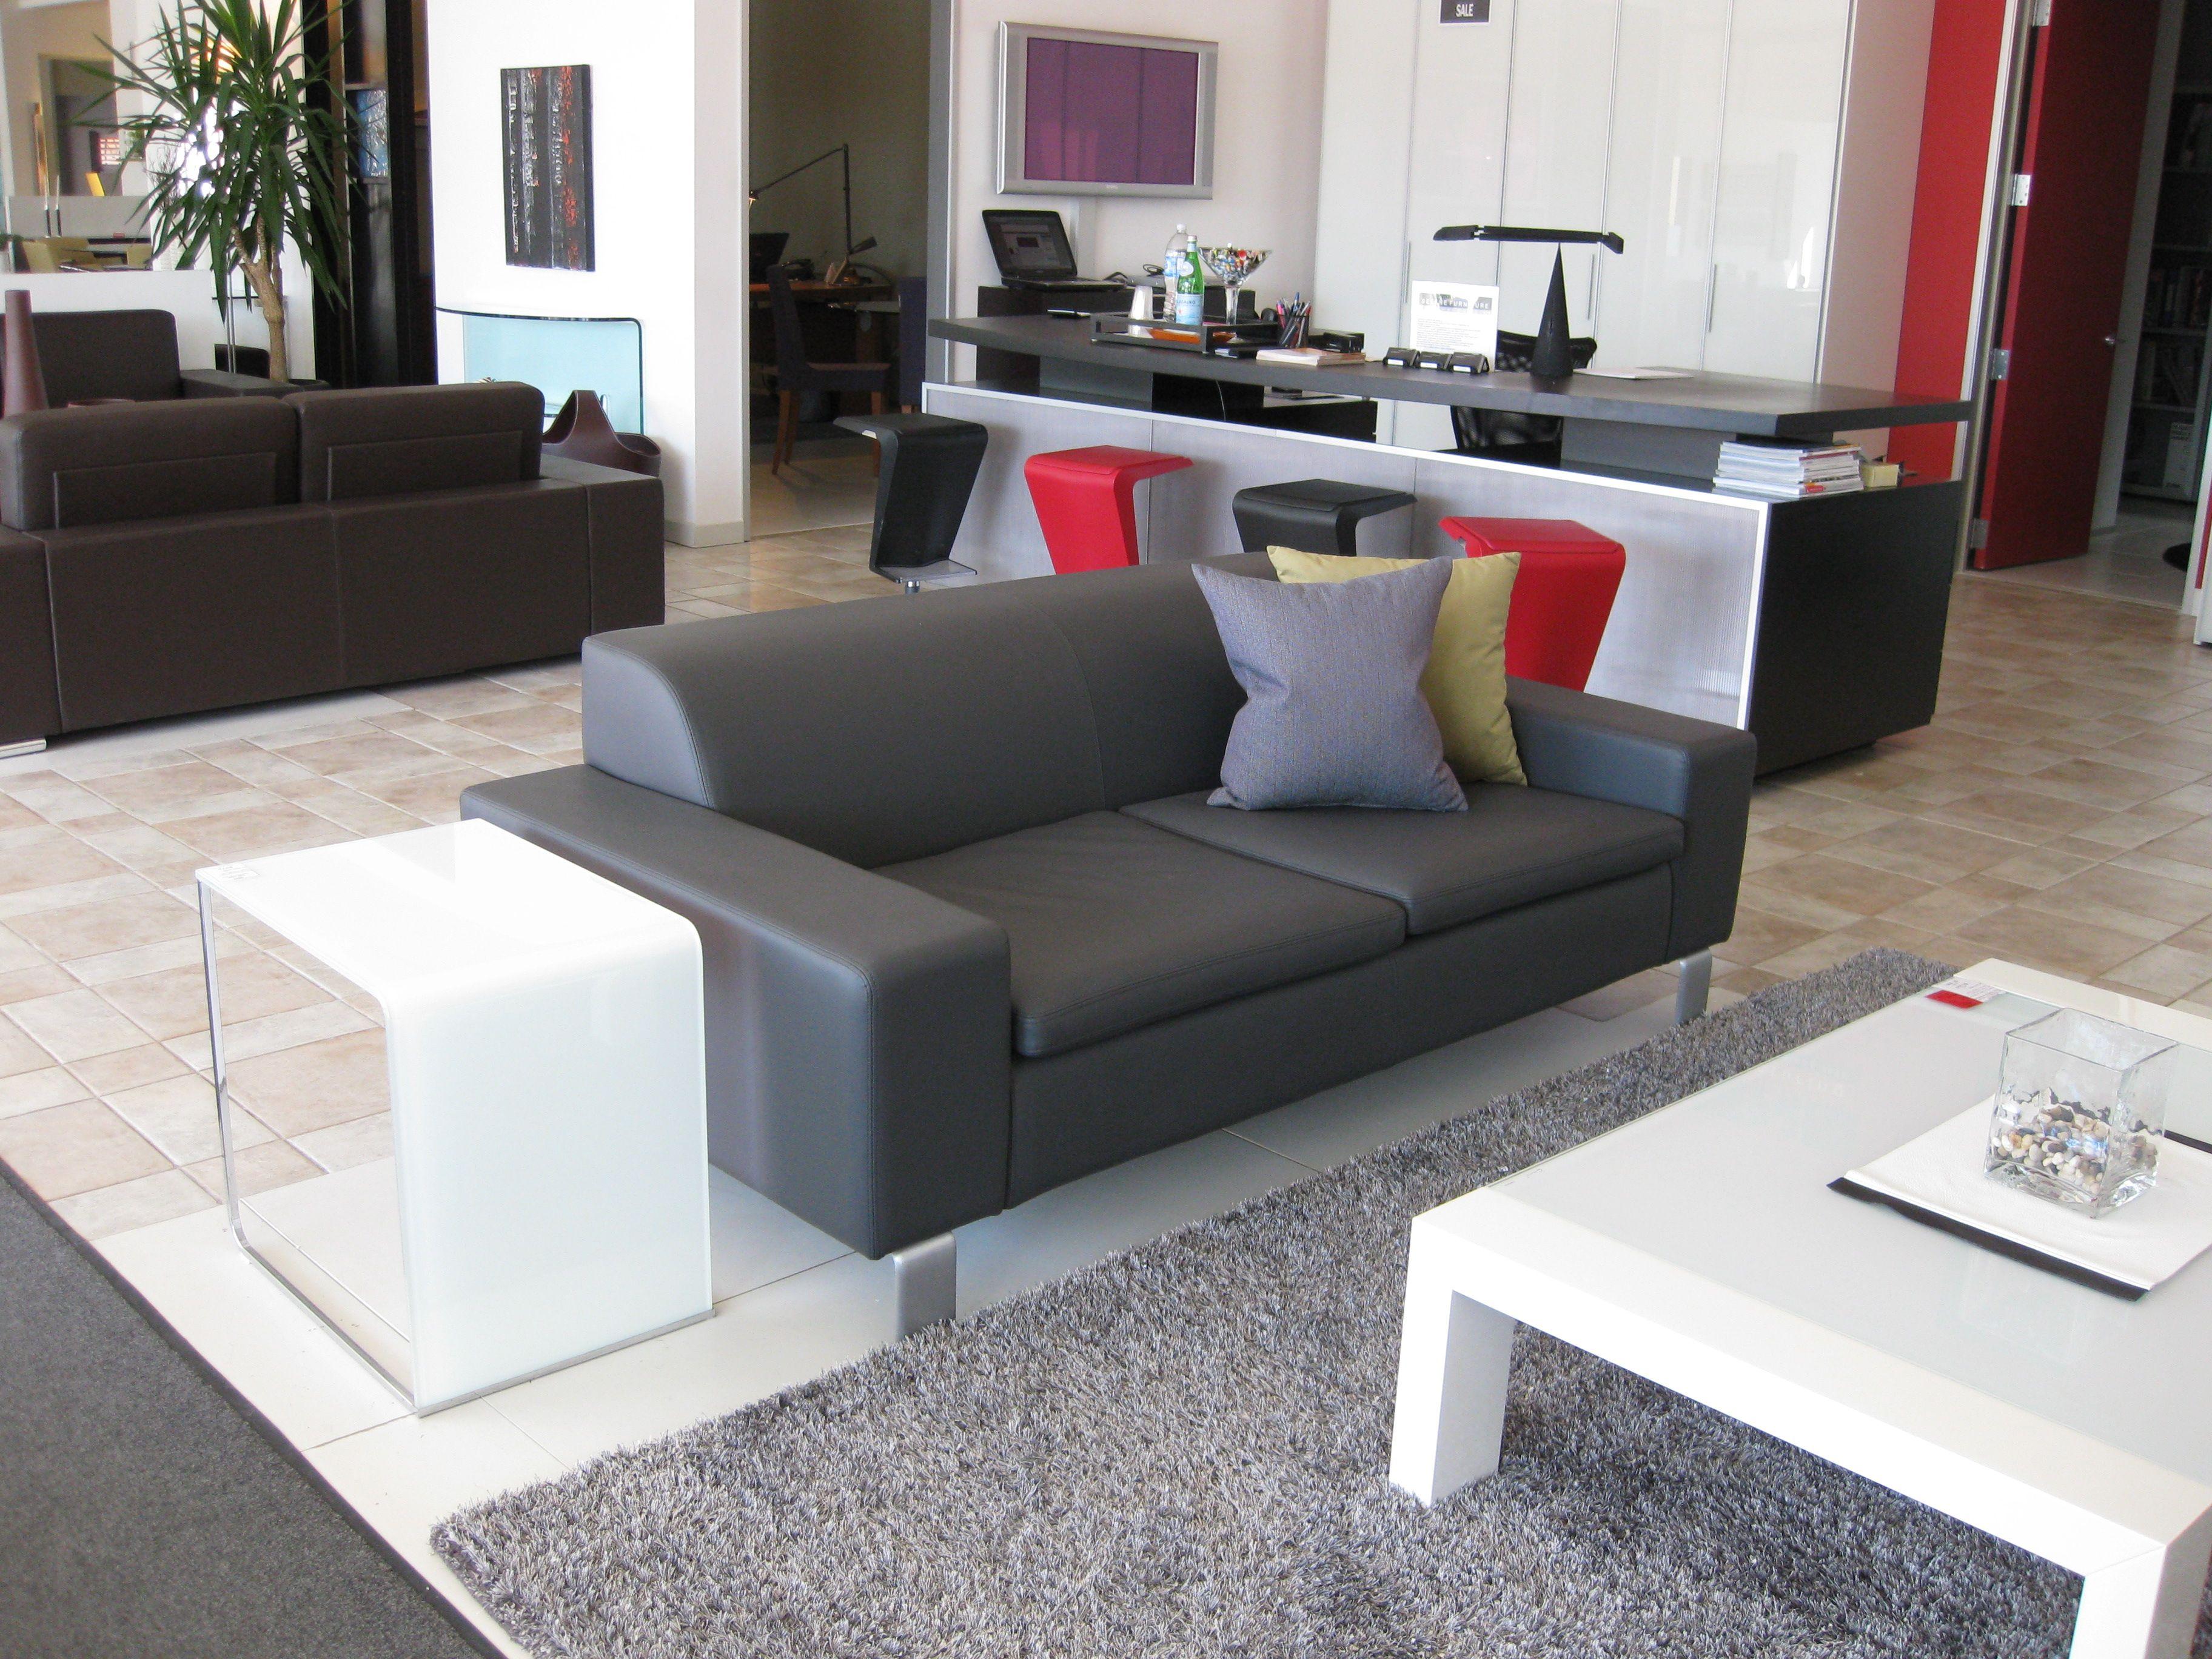 Setebello Sofa Products Available Through Selene Www Selenefurniture Com Italian Furniture Furniture Contemporary Furniture